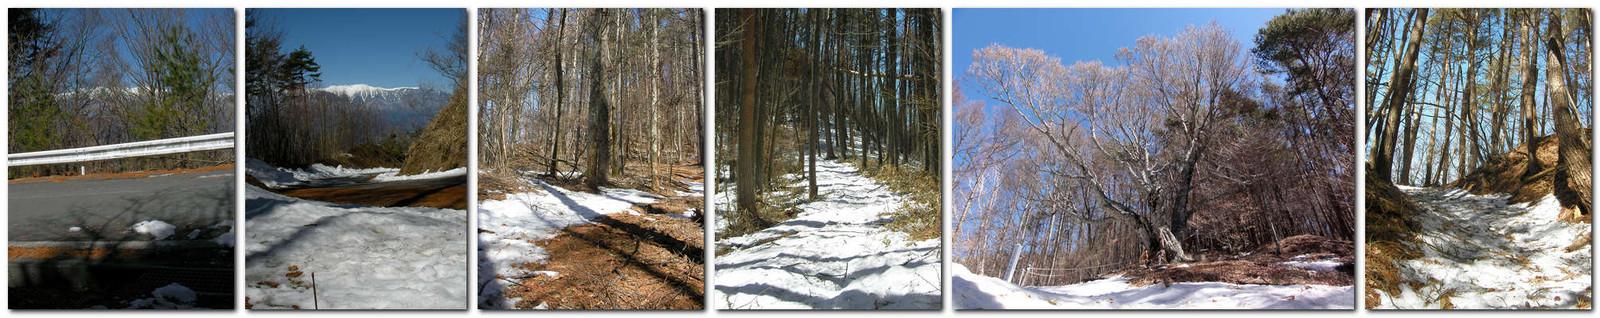 2014年3月15日「陣馬形山登山道と丸尾のブナ(樹齢600年)」